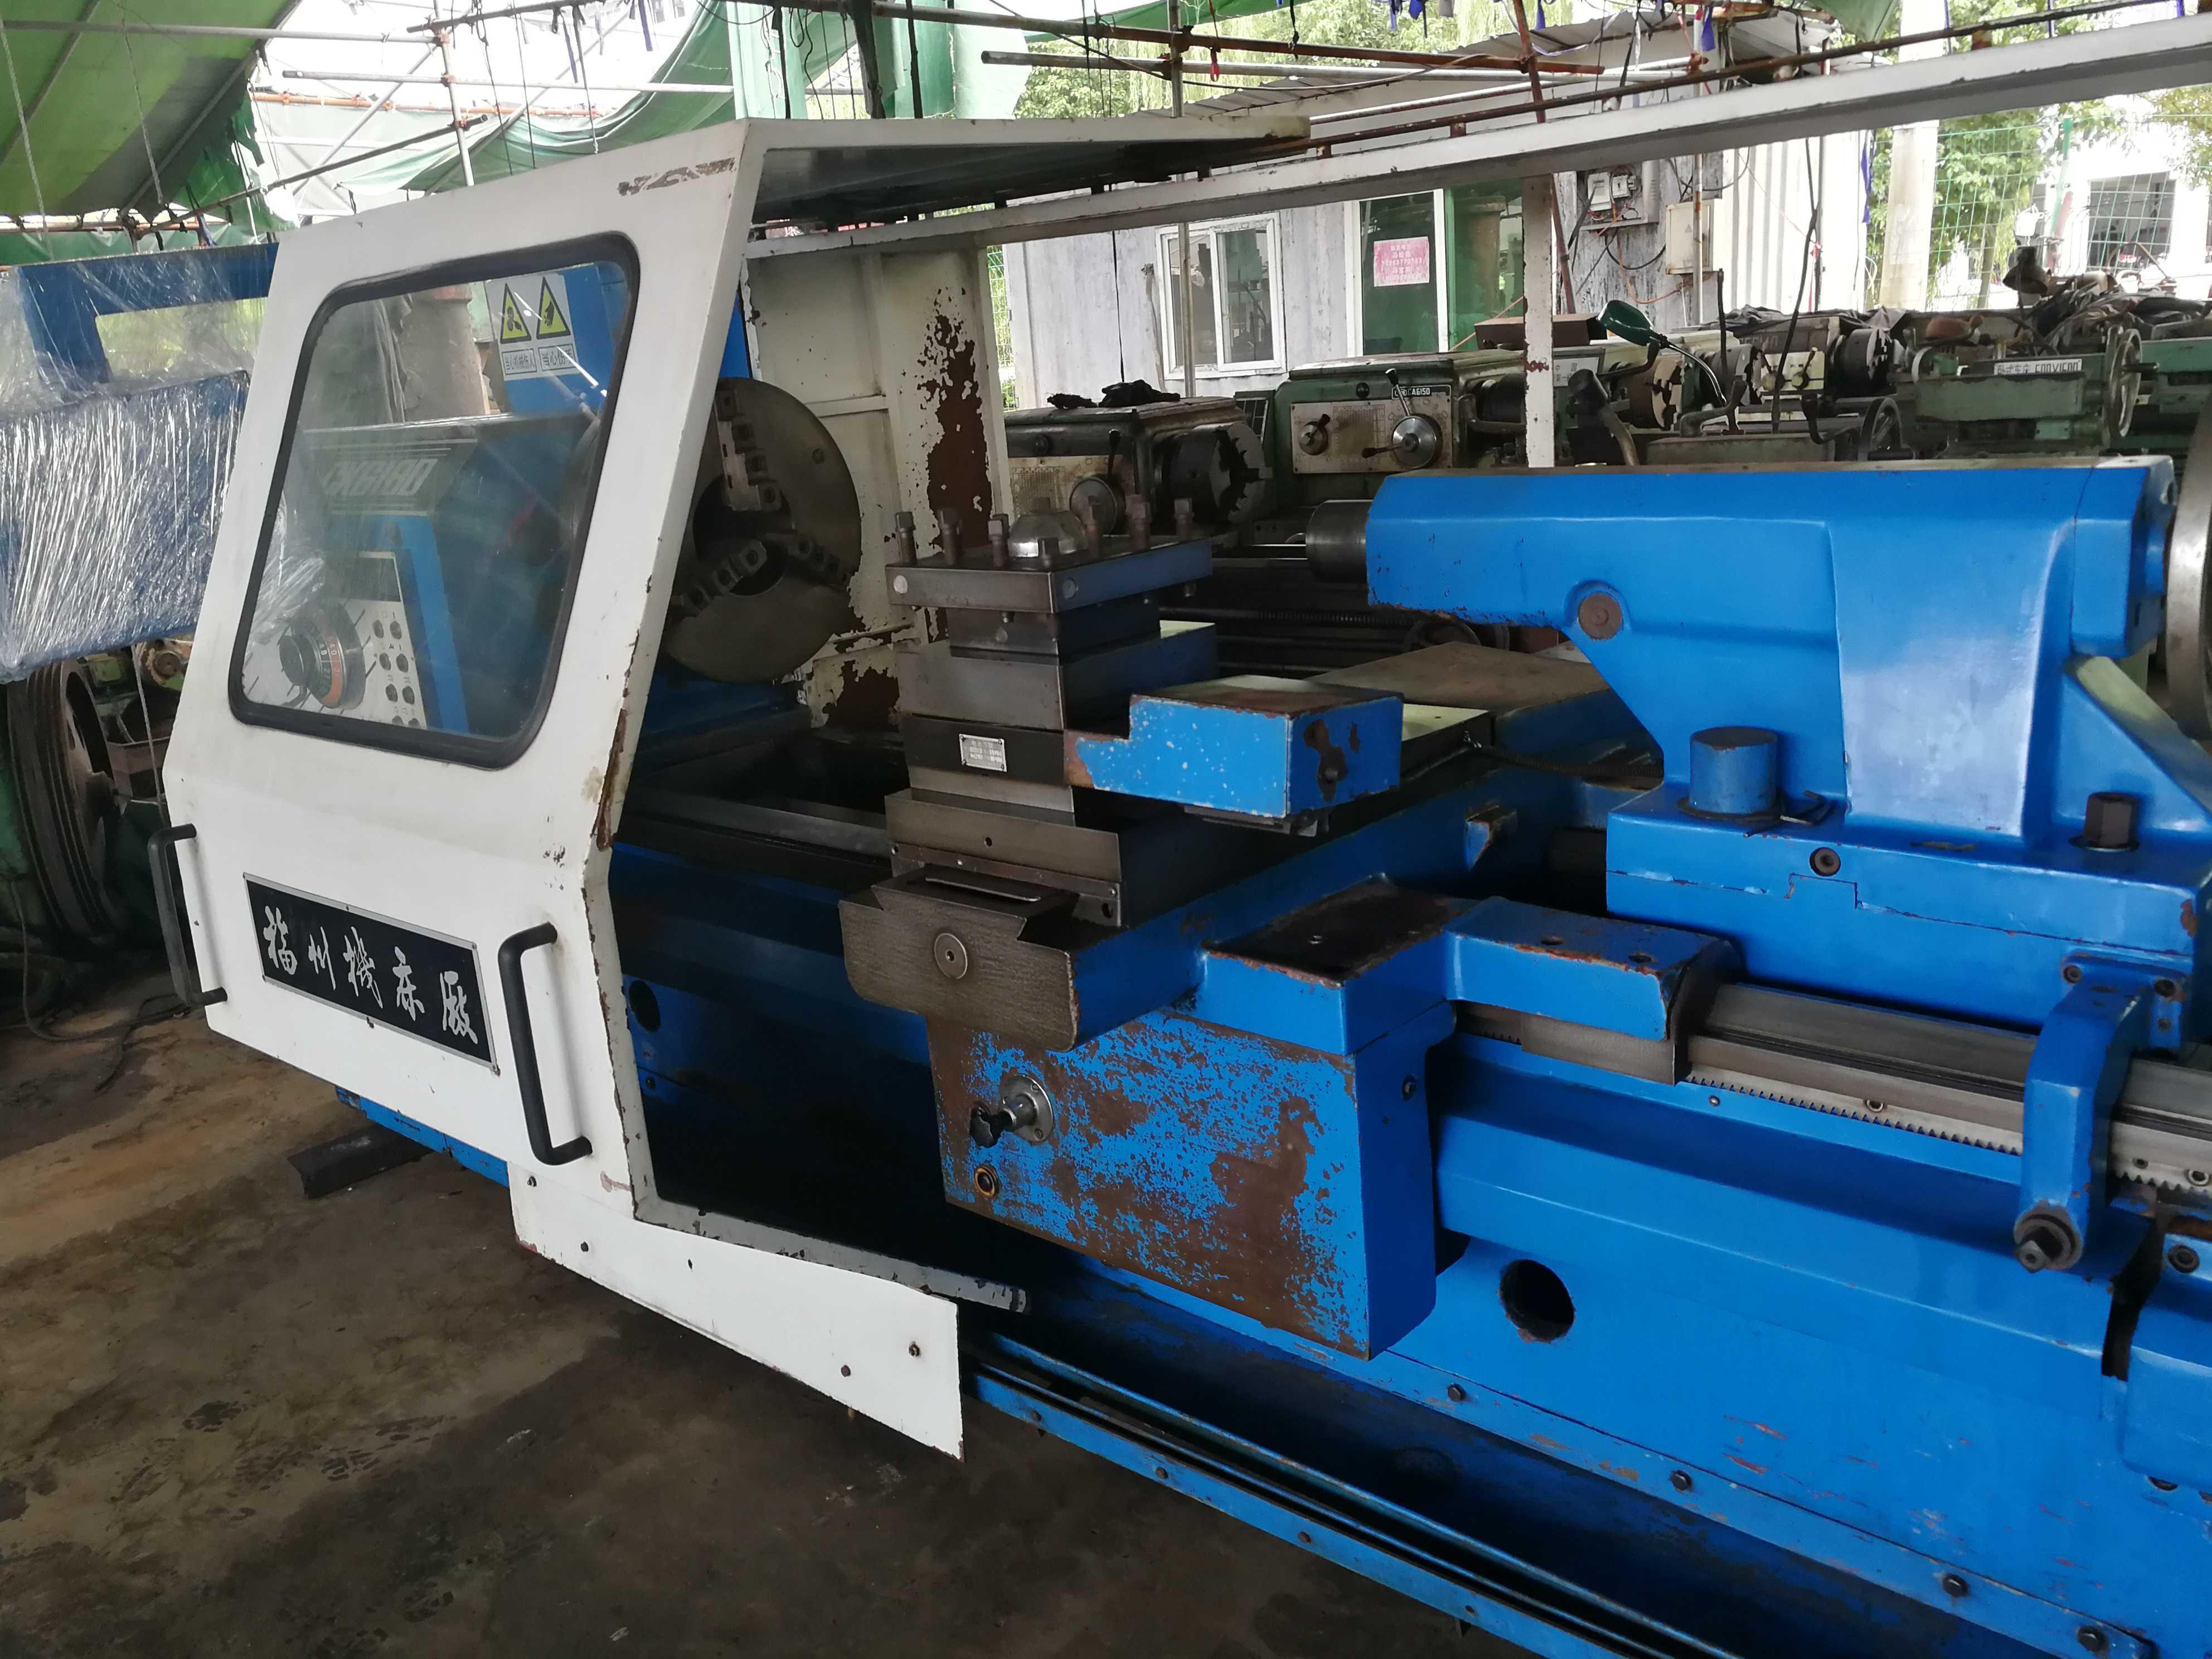 Di seconda Mano DI MACCHINE UTENSILI CNC CK6180X1500 Fuzhou ampio Numero del 2010